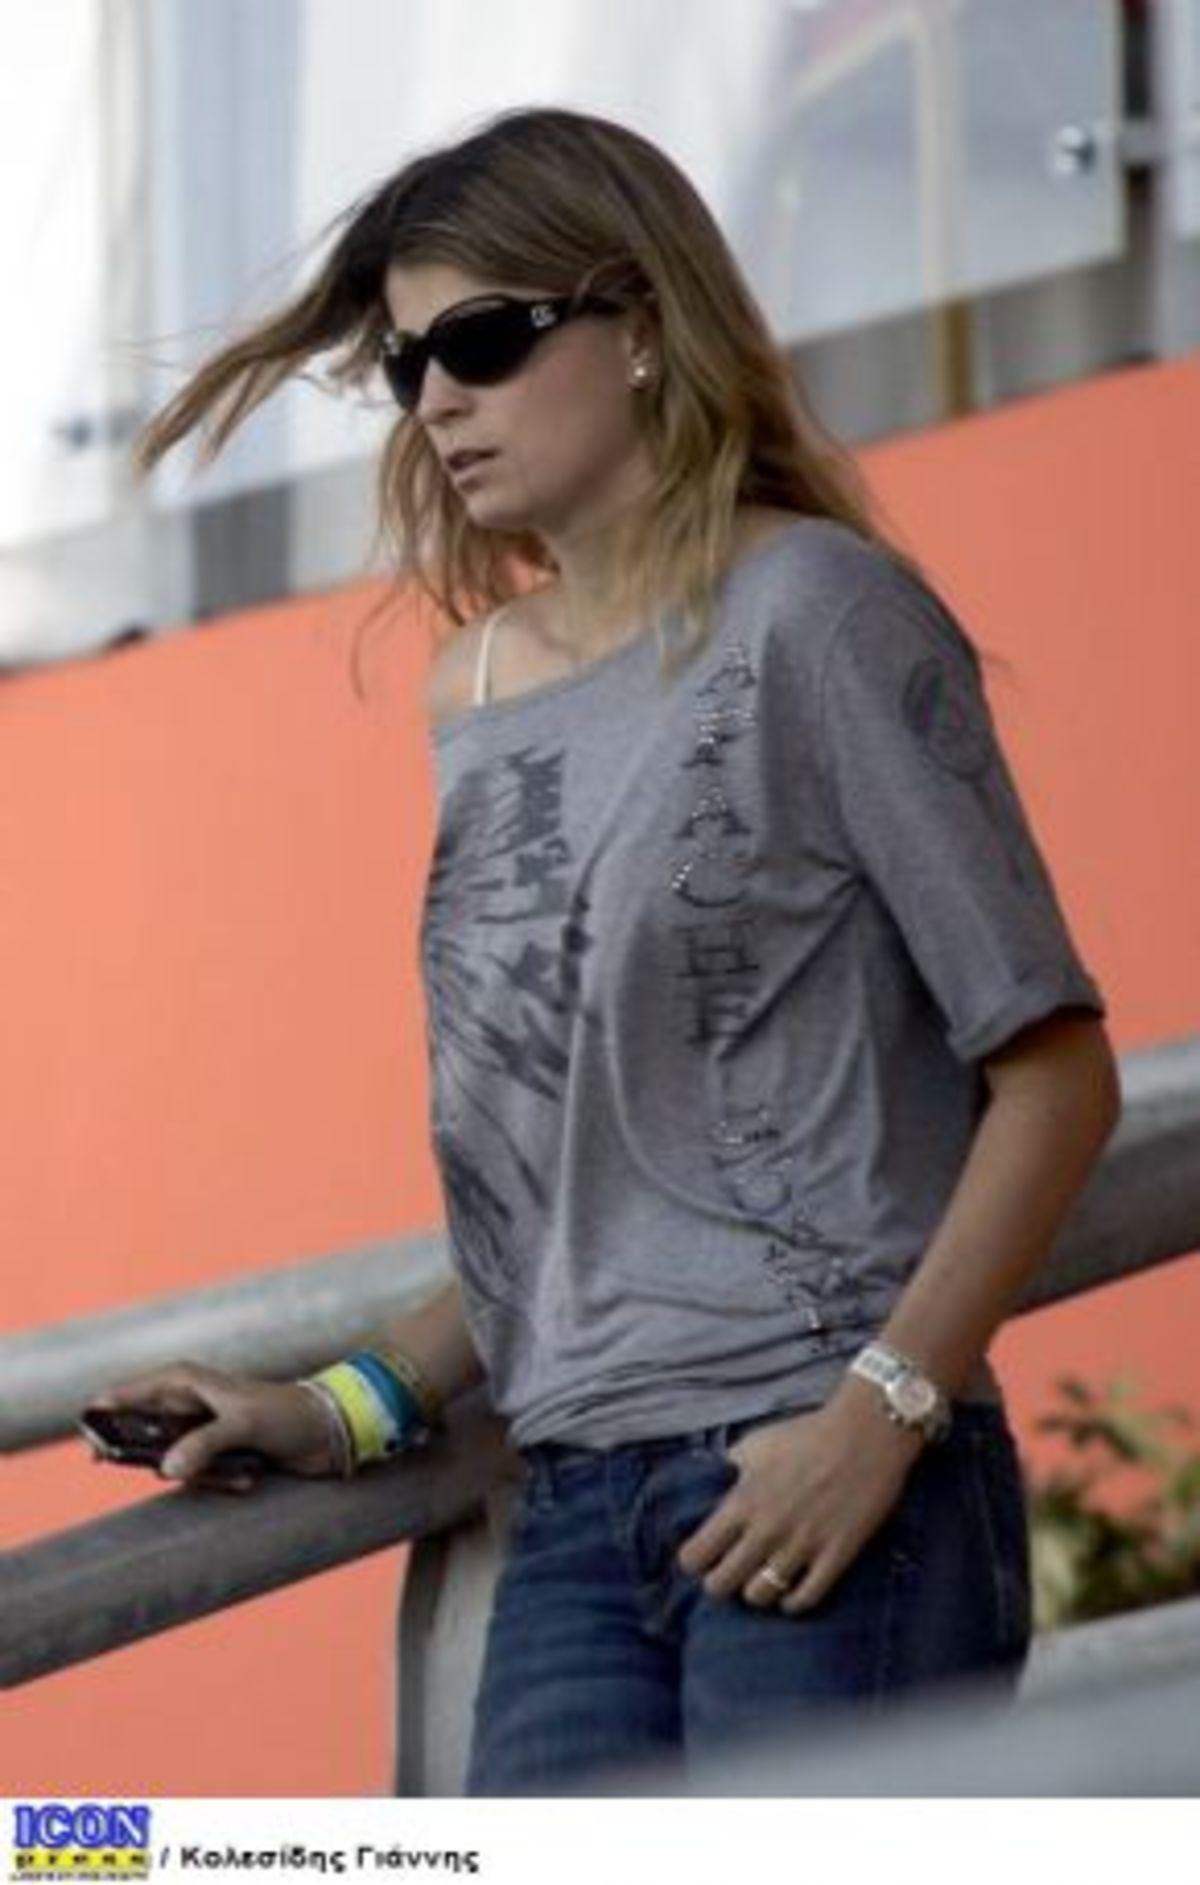 Αθηνά Ωνάση: Φοβάται για την ζωή της! | Newsit.gr